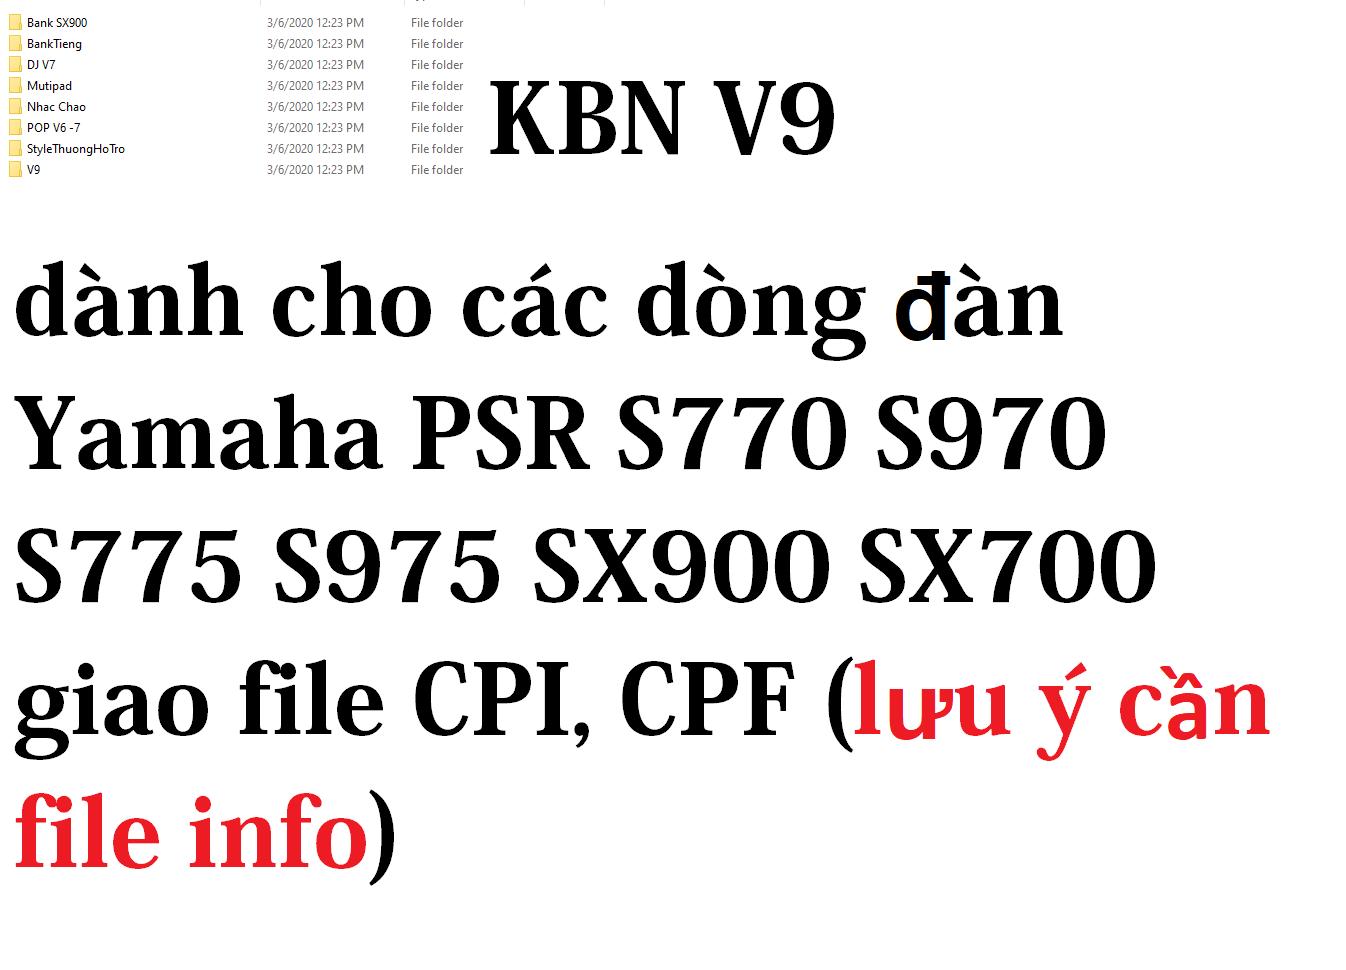 Sample KBN V9 dành cho dòng đàn Yamaha PSR S770 S970 S775 S975 A3000 SX900 SX700 Tyros 5 Genos file CPI hoặc CPF (lưu ý inbox gửi file info vào inbox)